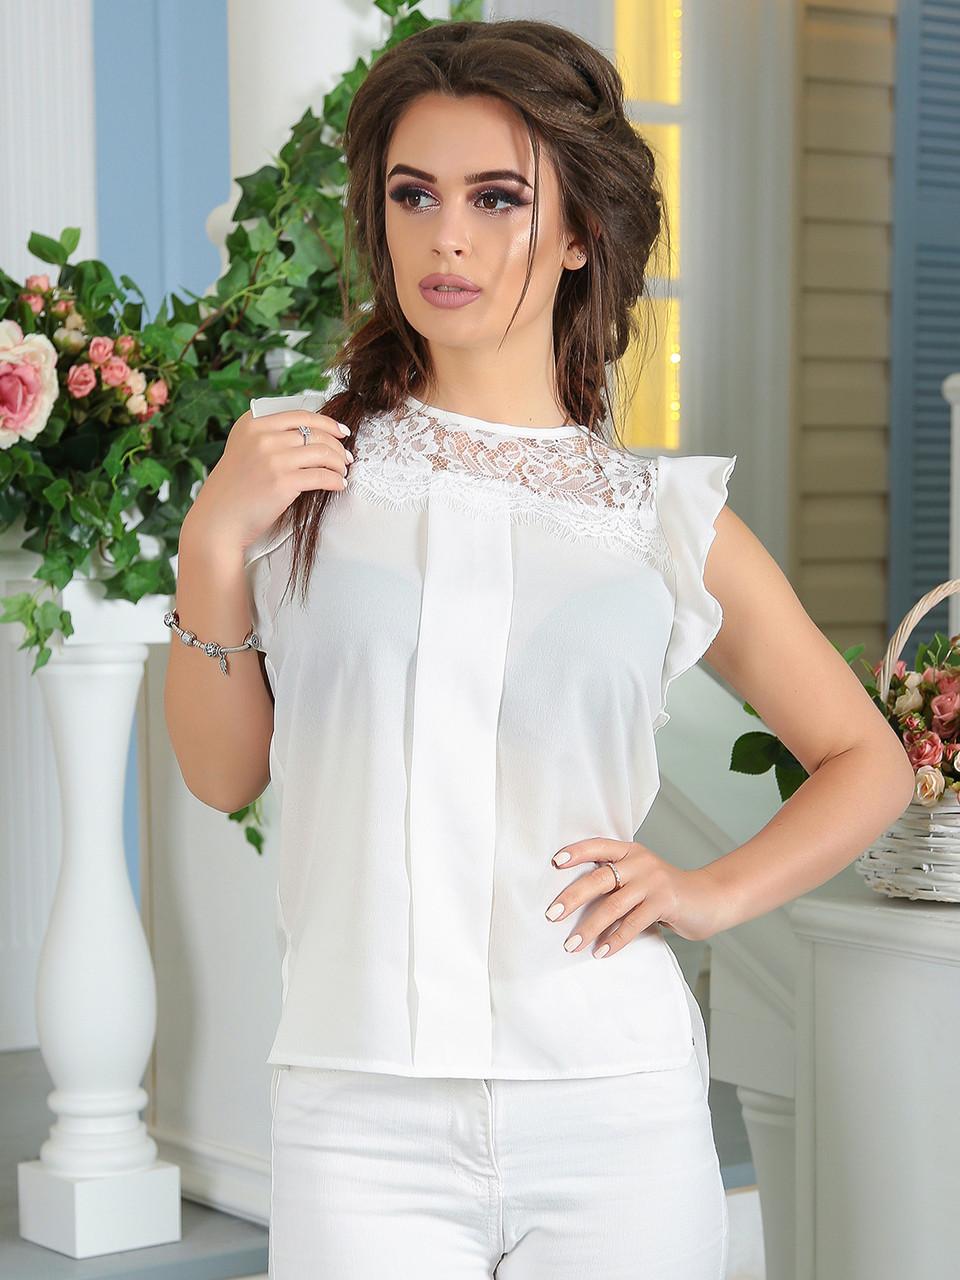 Летняя Блузка с кружевом белая